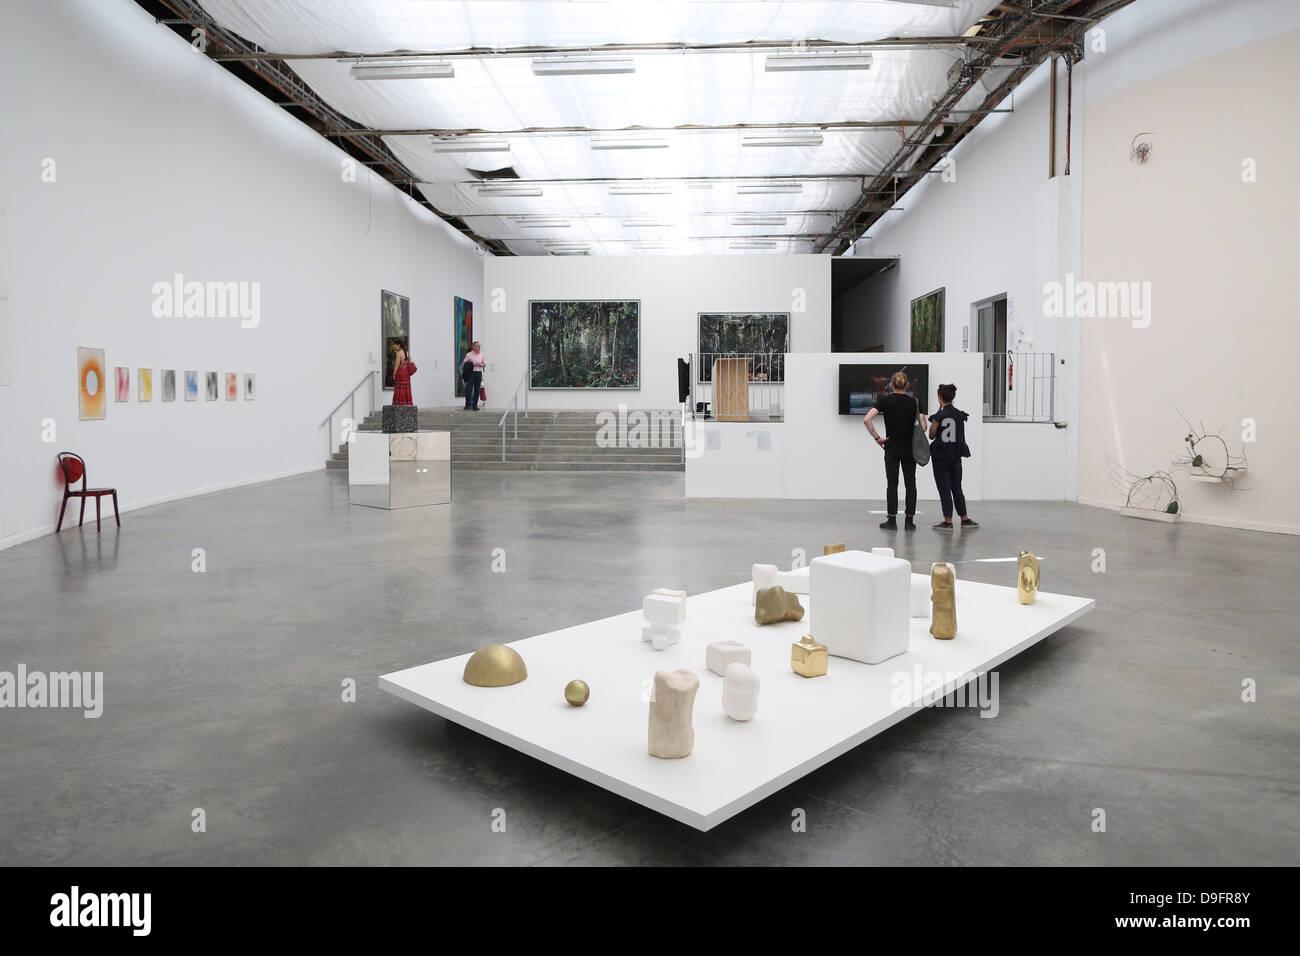 Exhibition space, Museum of Modern Art of the city of Paris, Palais de Tokyo, Paris, France - Stock Image